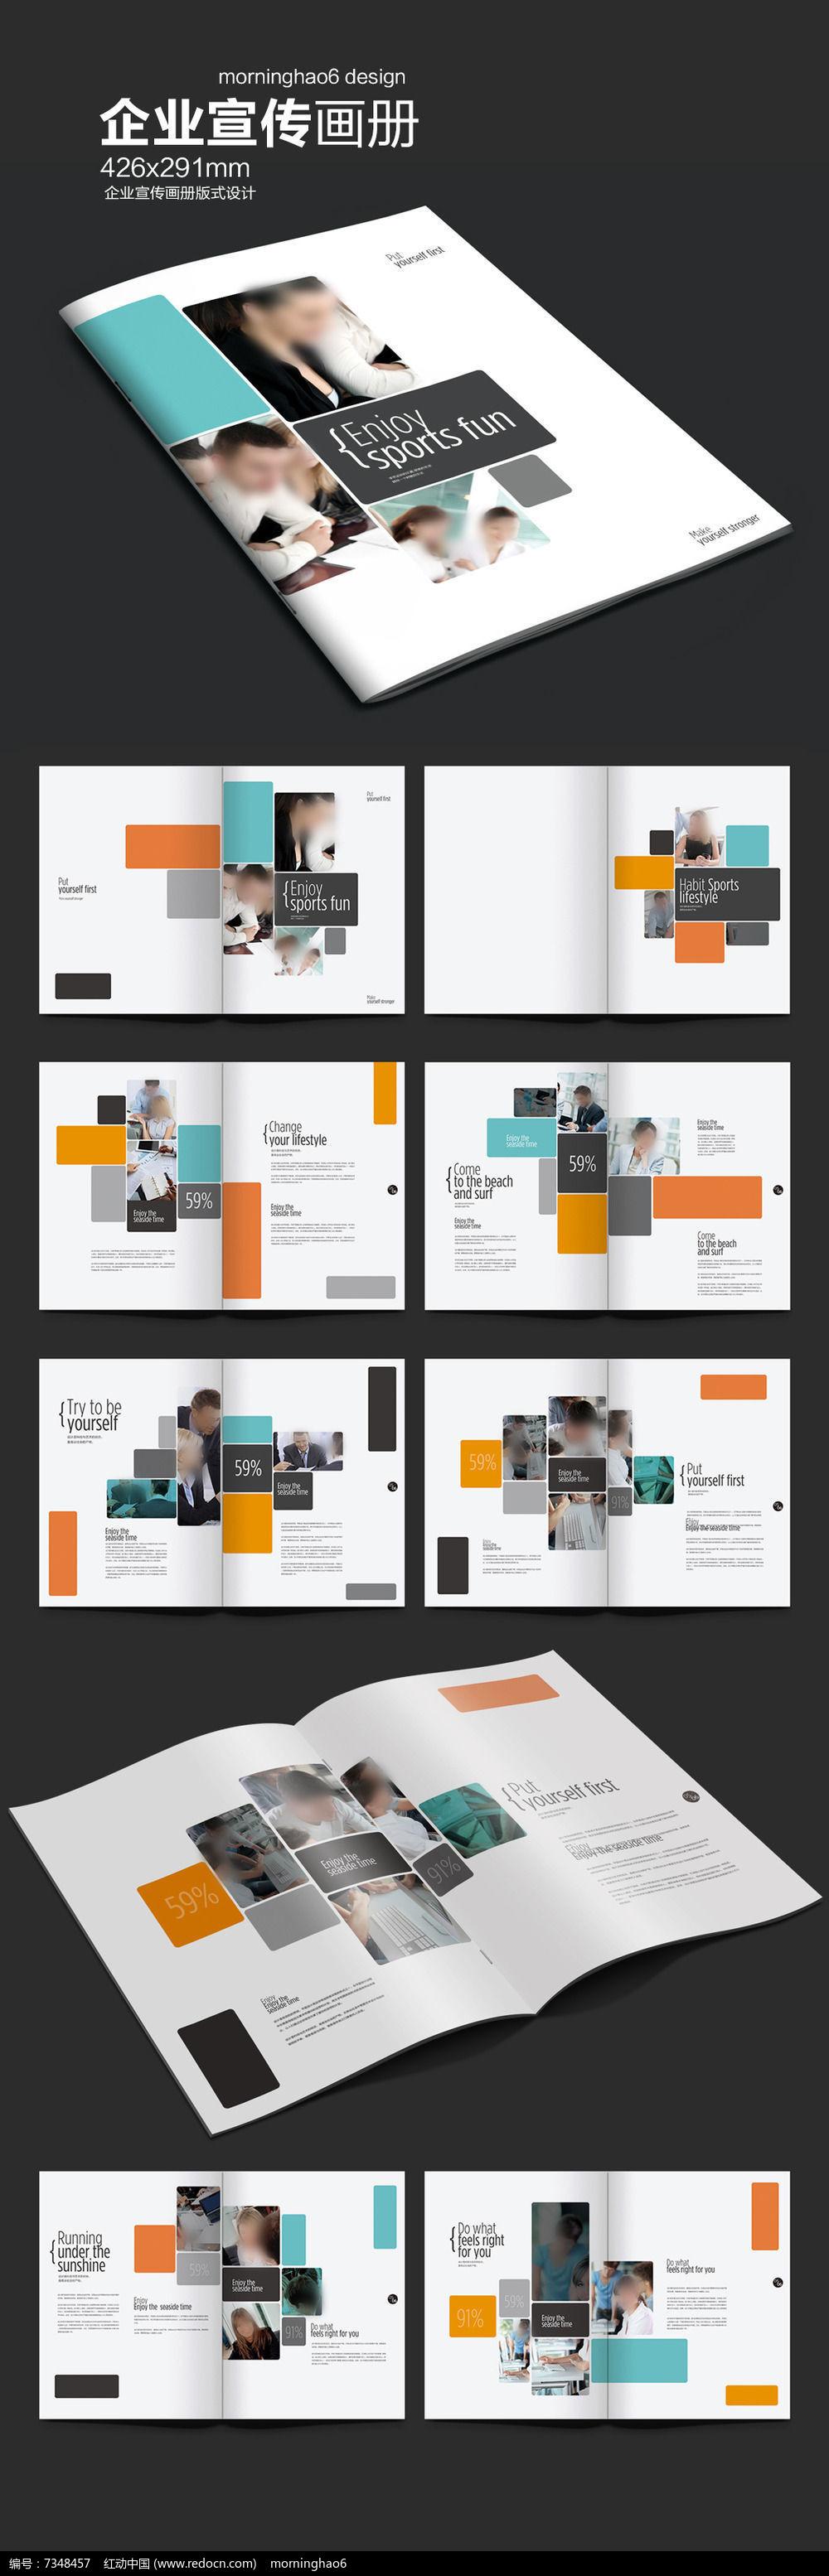 画册设计/书籍/菜谱 企业画册 宣传画册 时尚企业画册版式设计图片